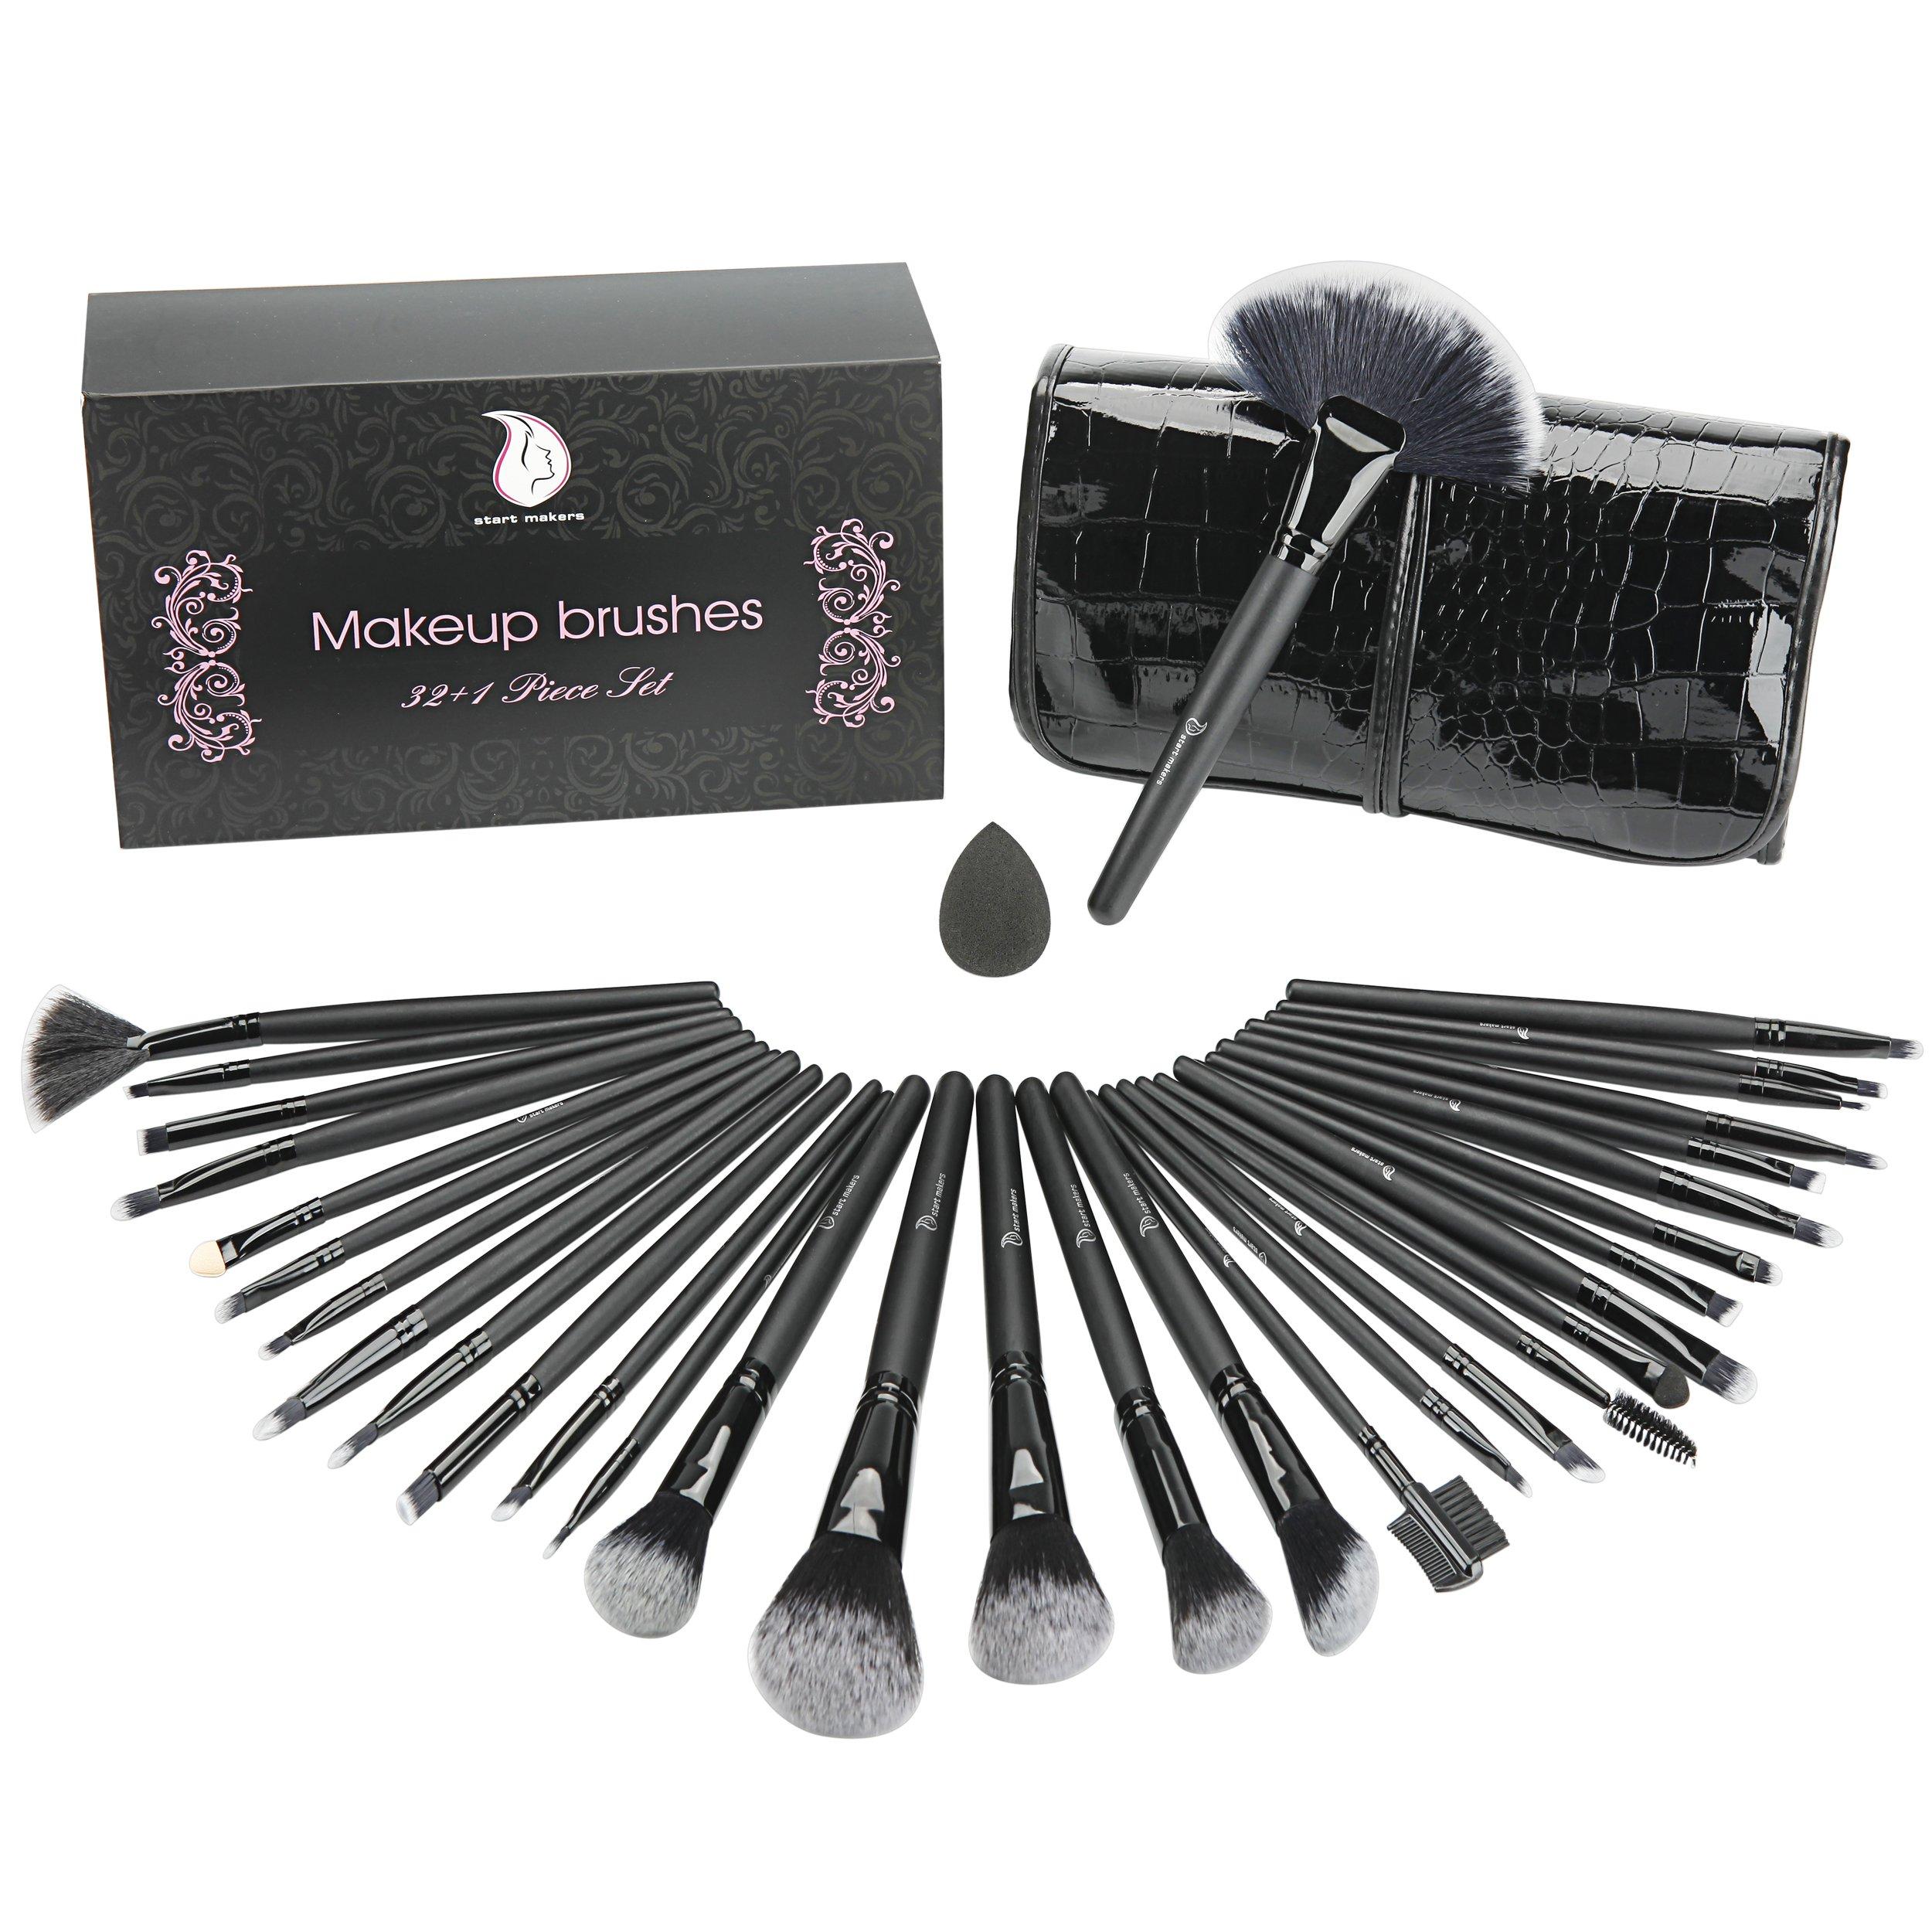 32 pièces Kit de Pinceaux Maquillage - Start Makers Parfait Pour l'application de Poudre ou Cosmétiques - Coffret Cadeau Noir